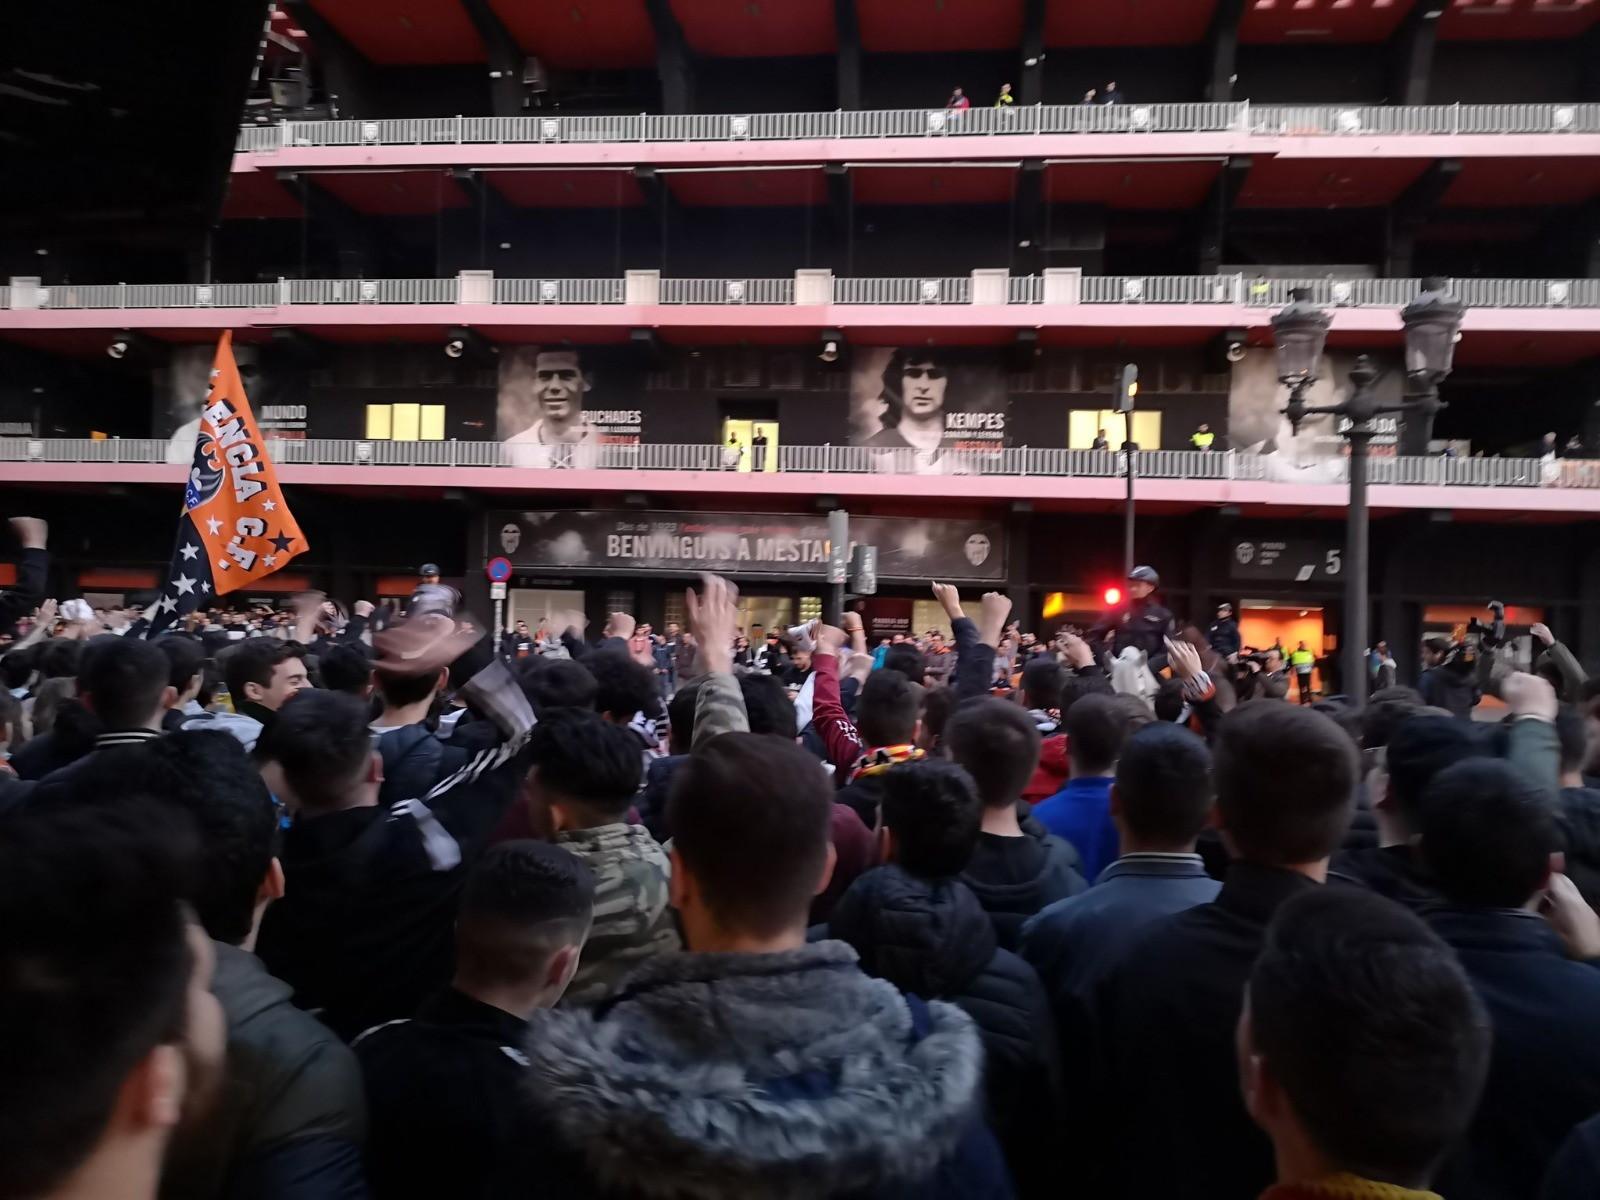 La gara contro l'Atalanta è a porte chiuse ma i tifosi del Valencia non si sono arresi e si sono accalcati davanti allo stadio Mestalla per sostenere la propria squadra, nonostante le indicazioni di non creare assembramenti in emergenza coronavirus. Accolto in massa l'appello di lunedì del direttivo dei Valencia Club di presentarsi allo stadio per caricare i ragazzi di Celades, chiamati all'impresa dopo l'1-4 dell'andata a San Siro per la Dea. Ma non è bastato.